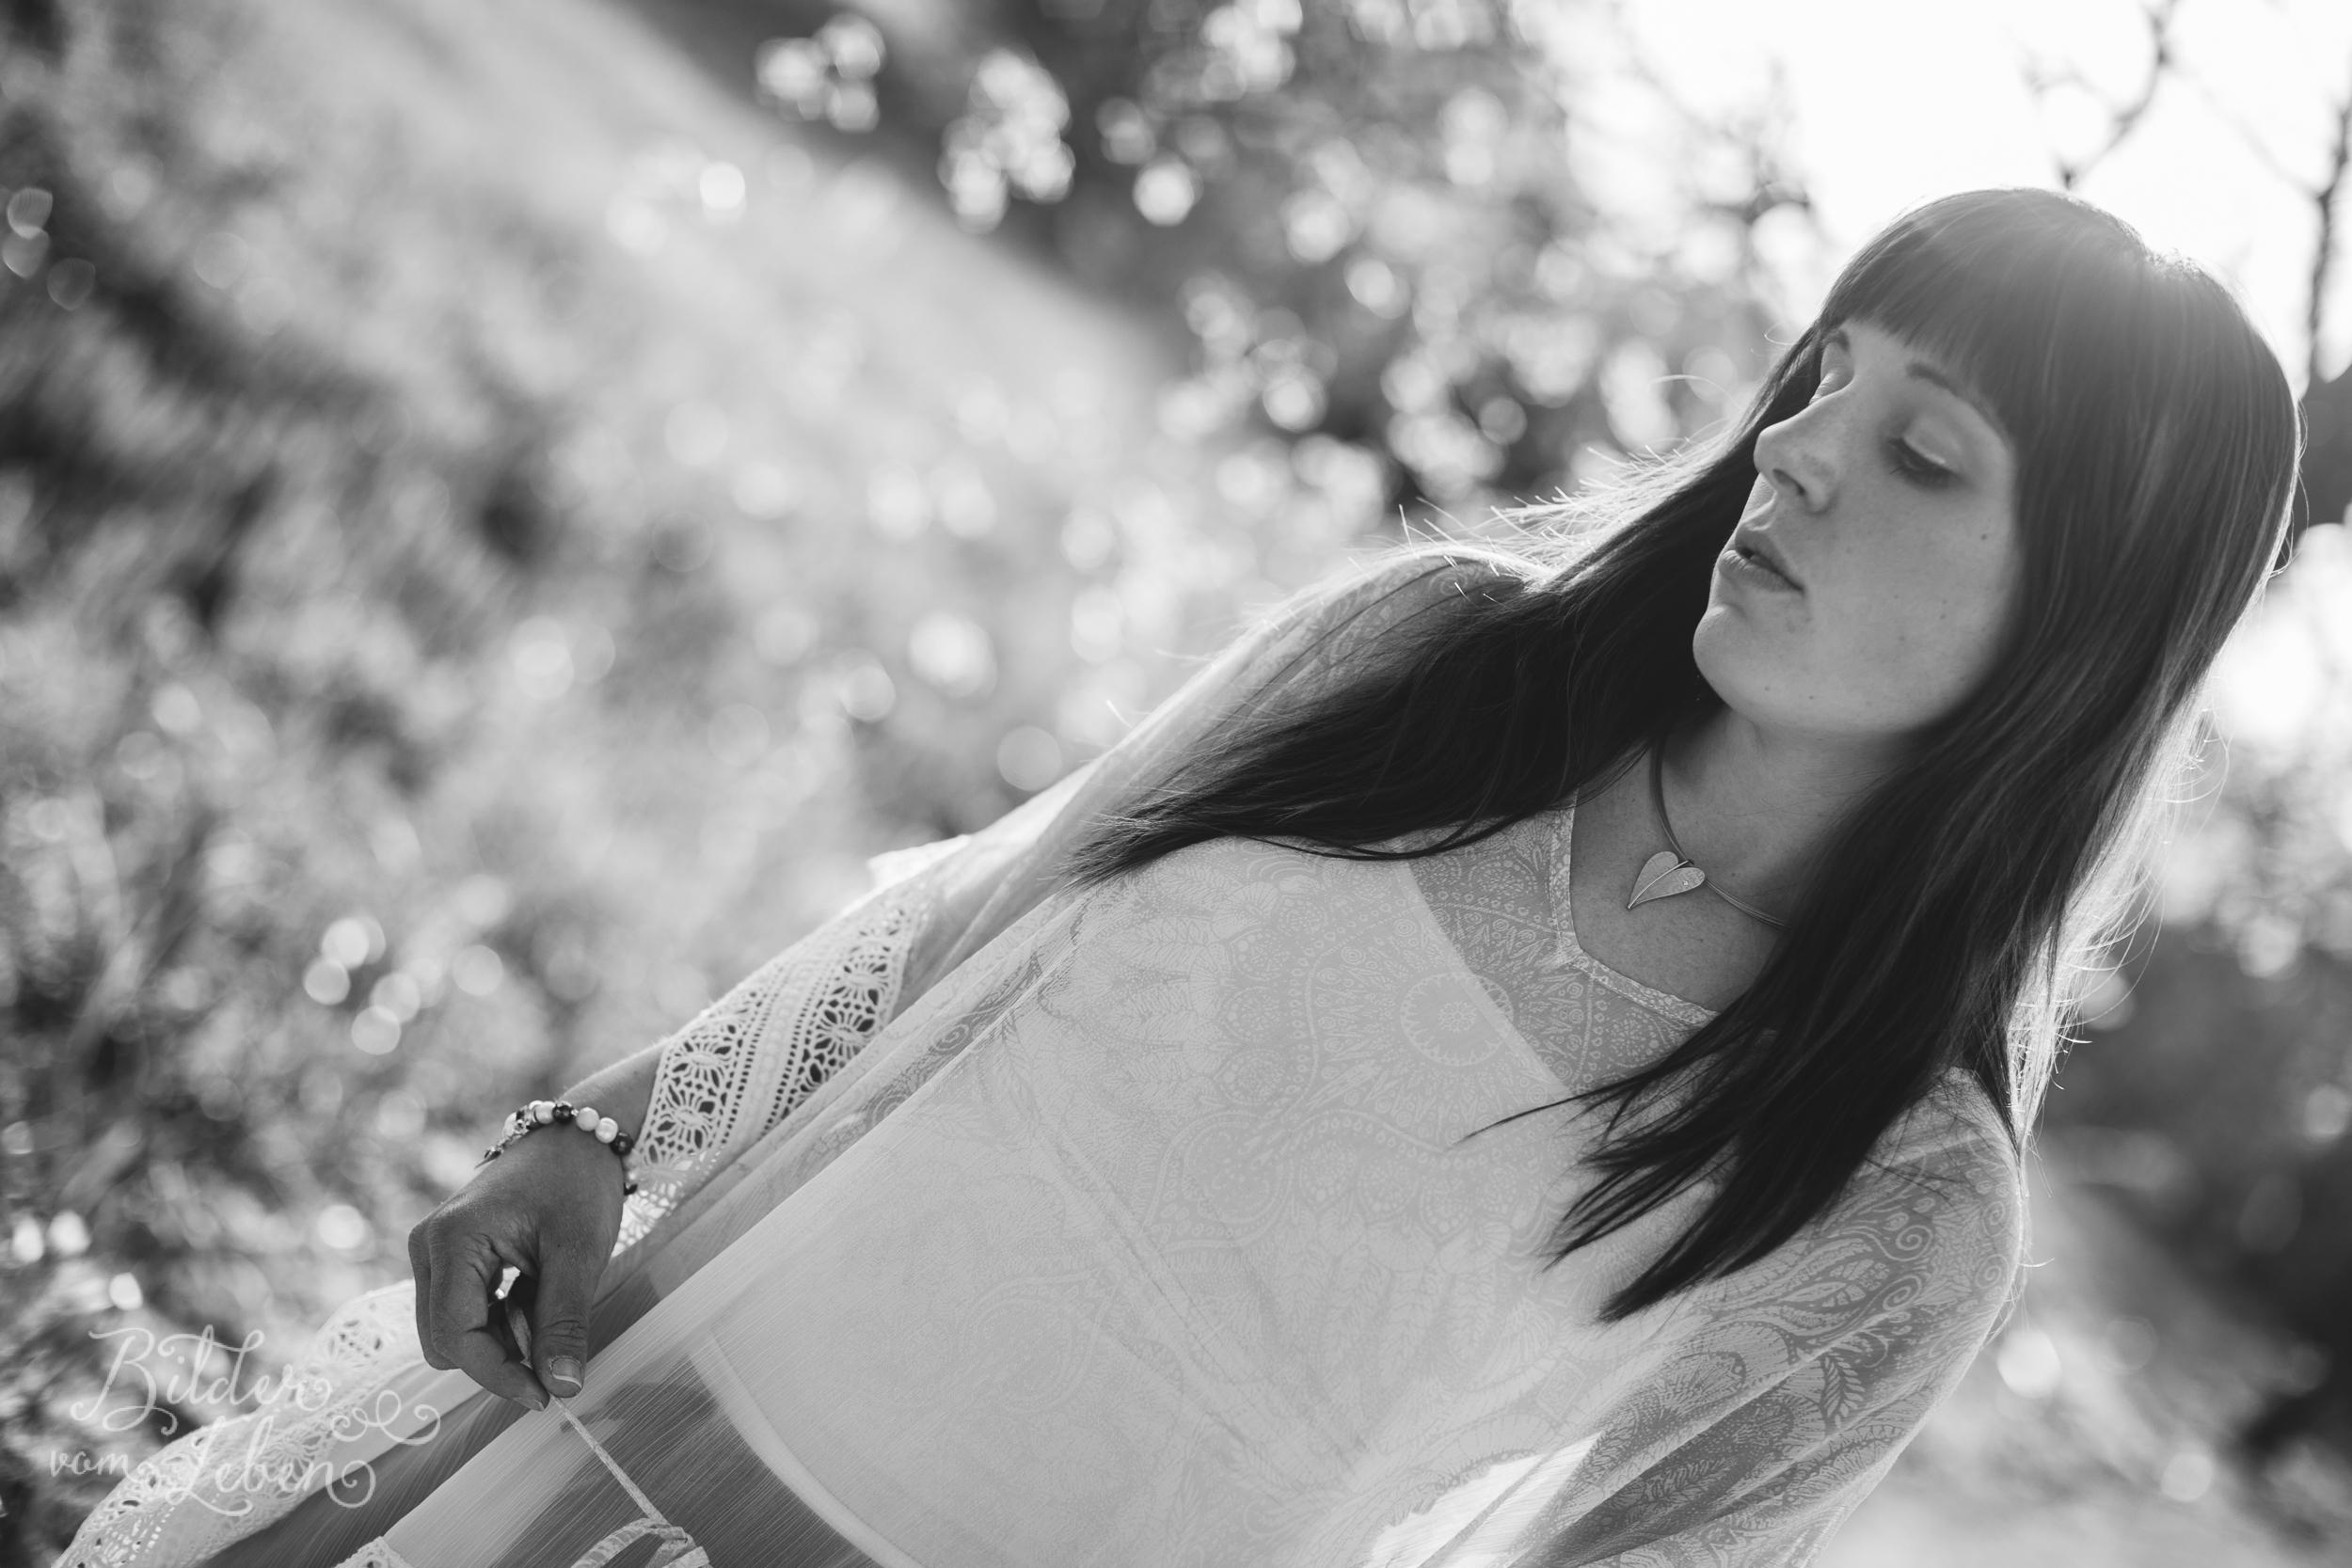 BildervomLeben-Fotografie-Christina-Heinig-Portraits-Gegenlicht-Susanne-2016-5522